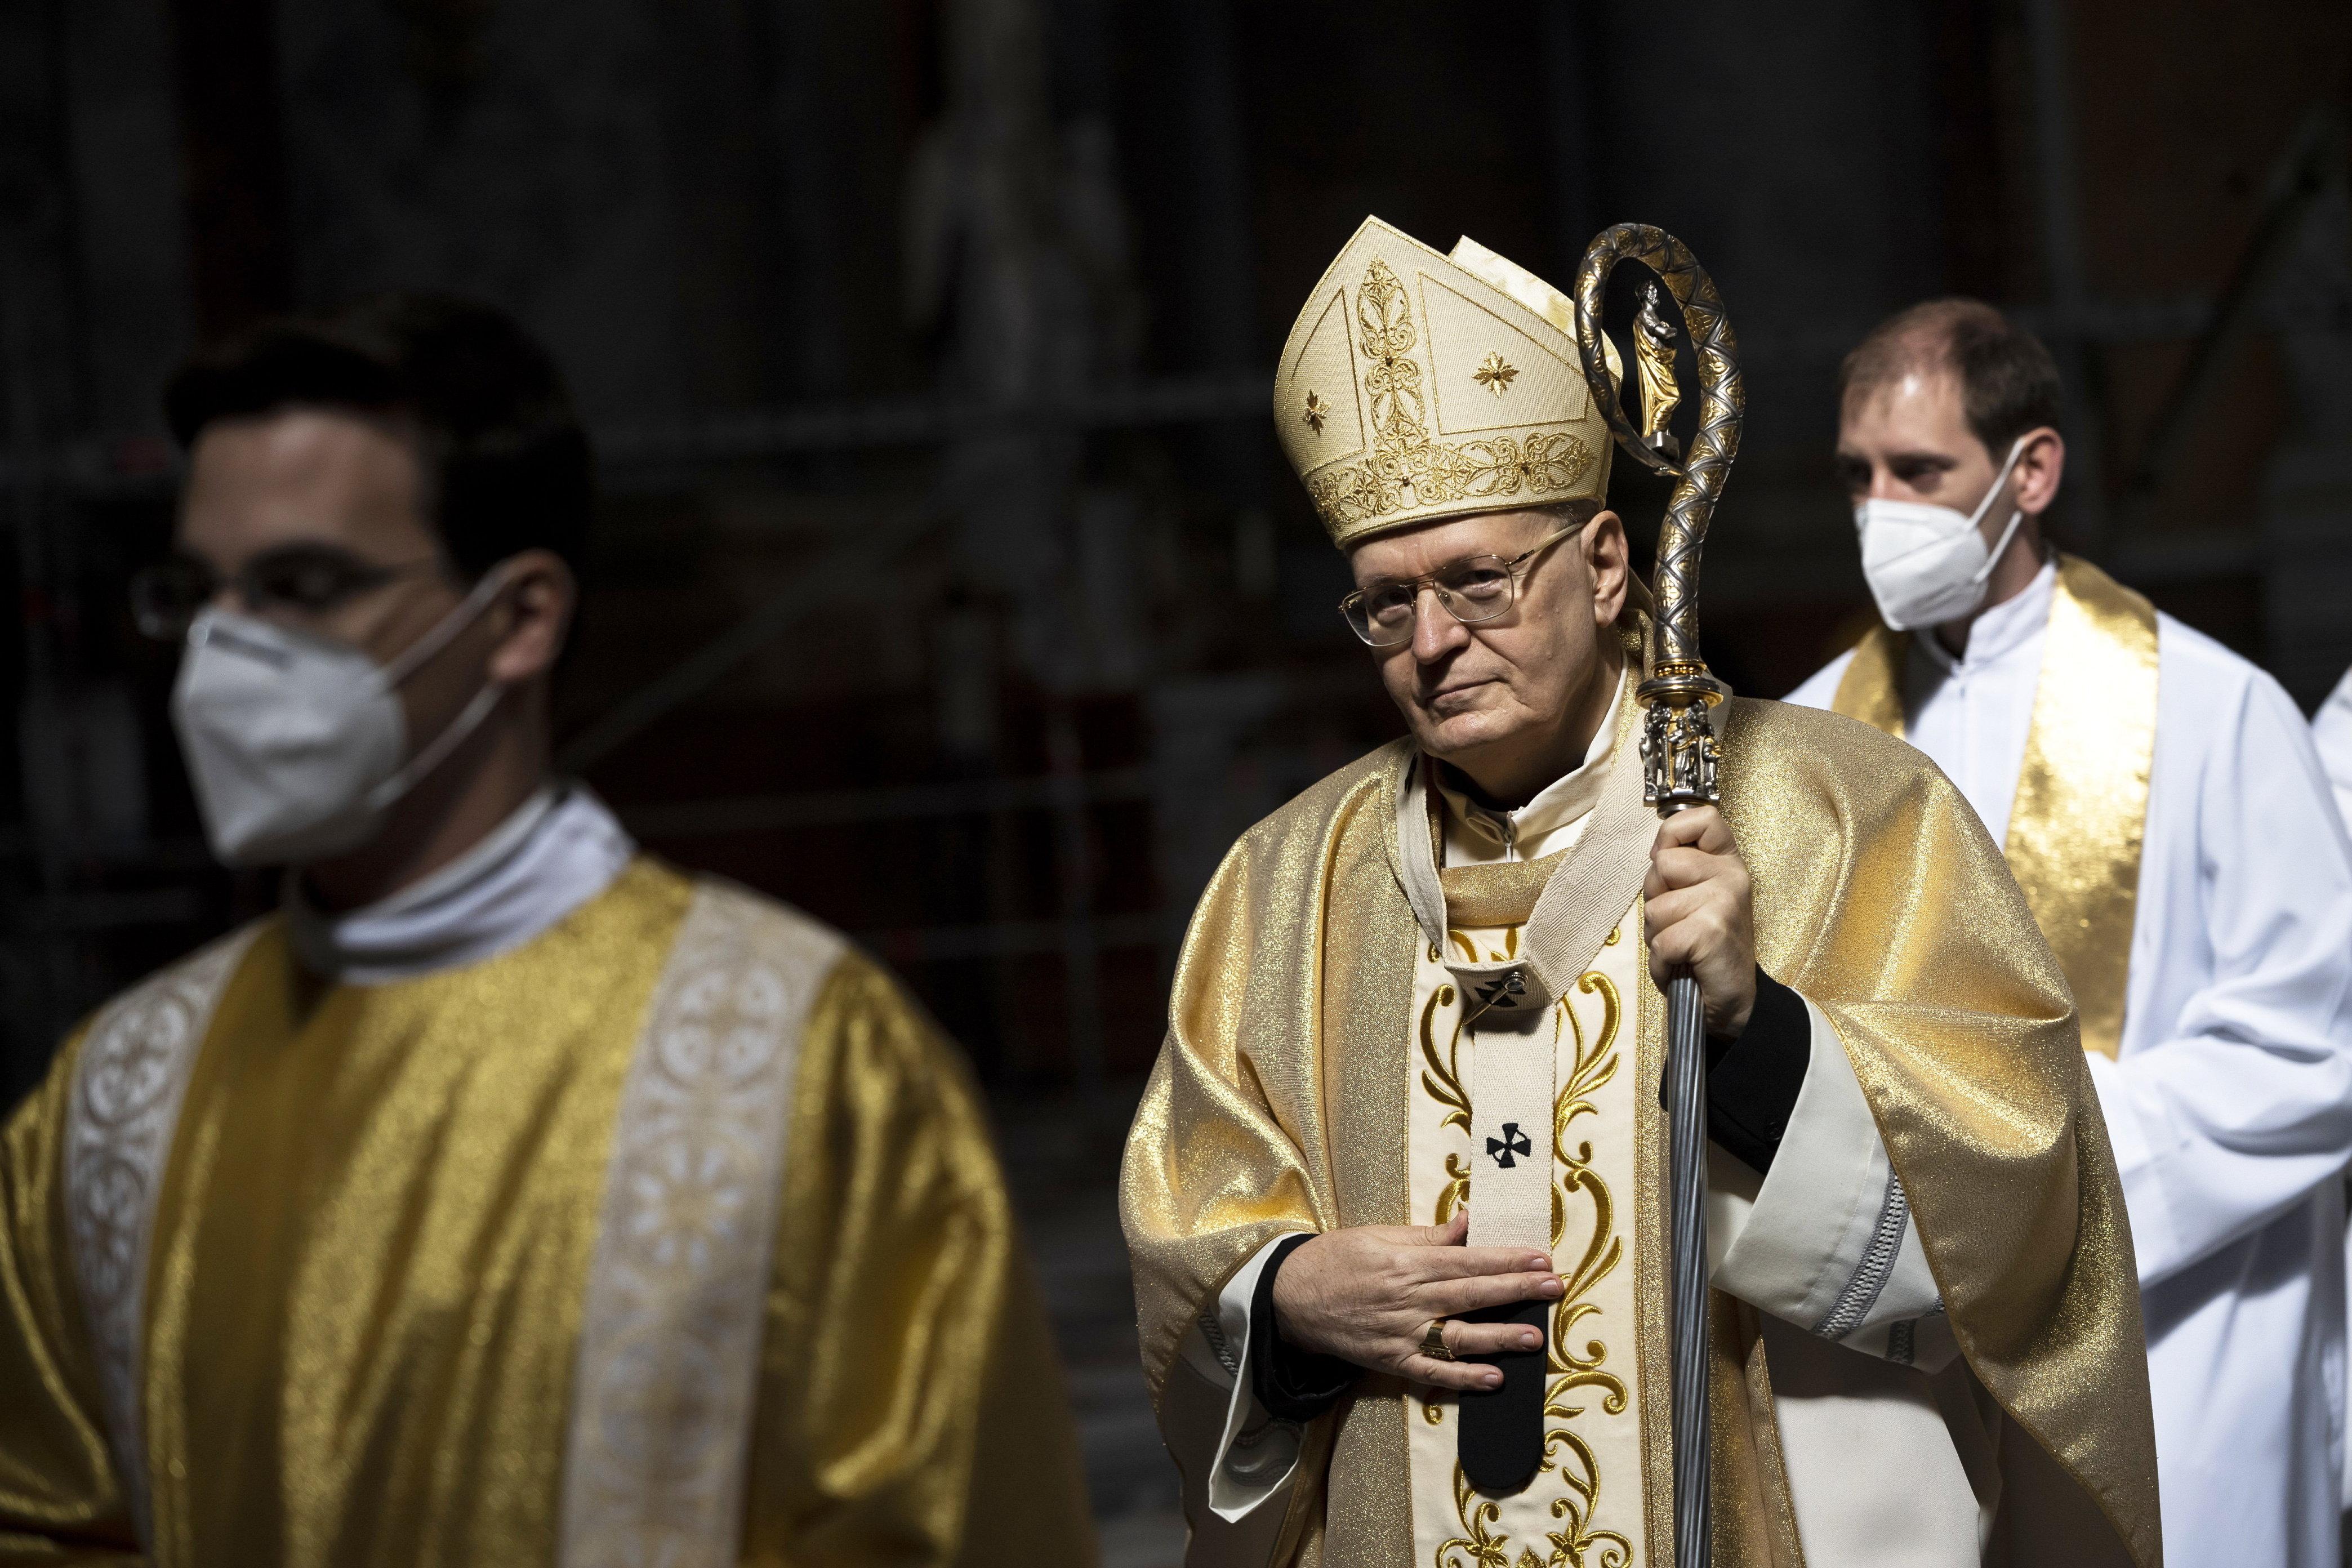 A katolikus egyház indít vizsgálatokat a szexuális visszaélések felderítésére, csak nem Magyarországon